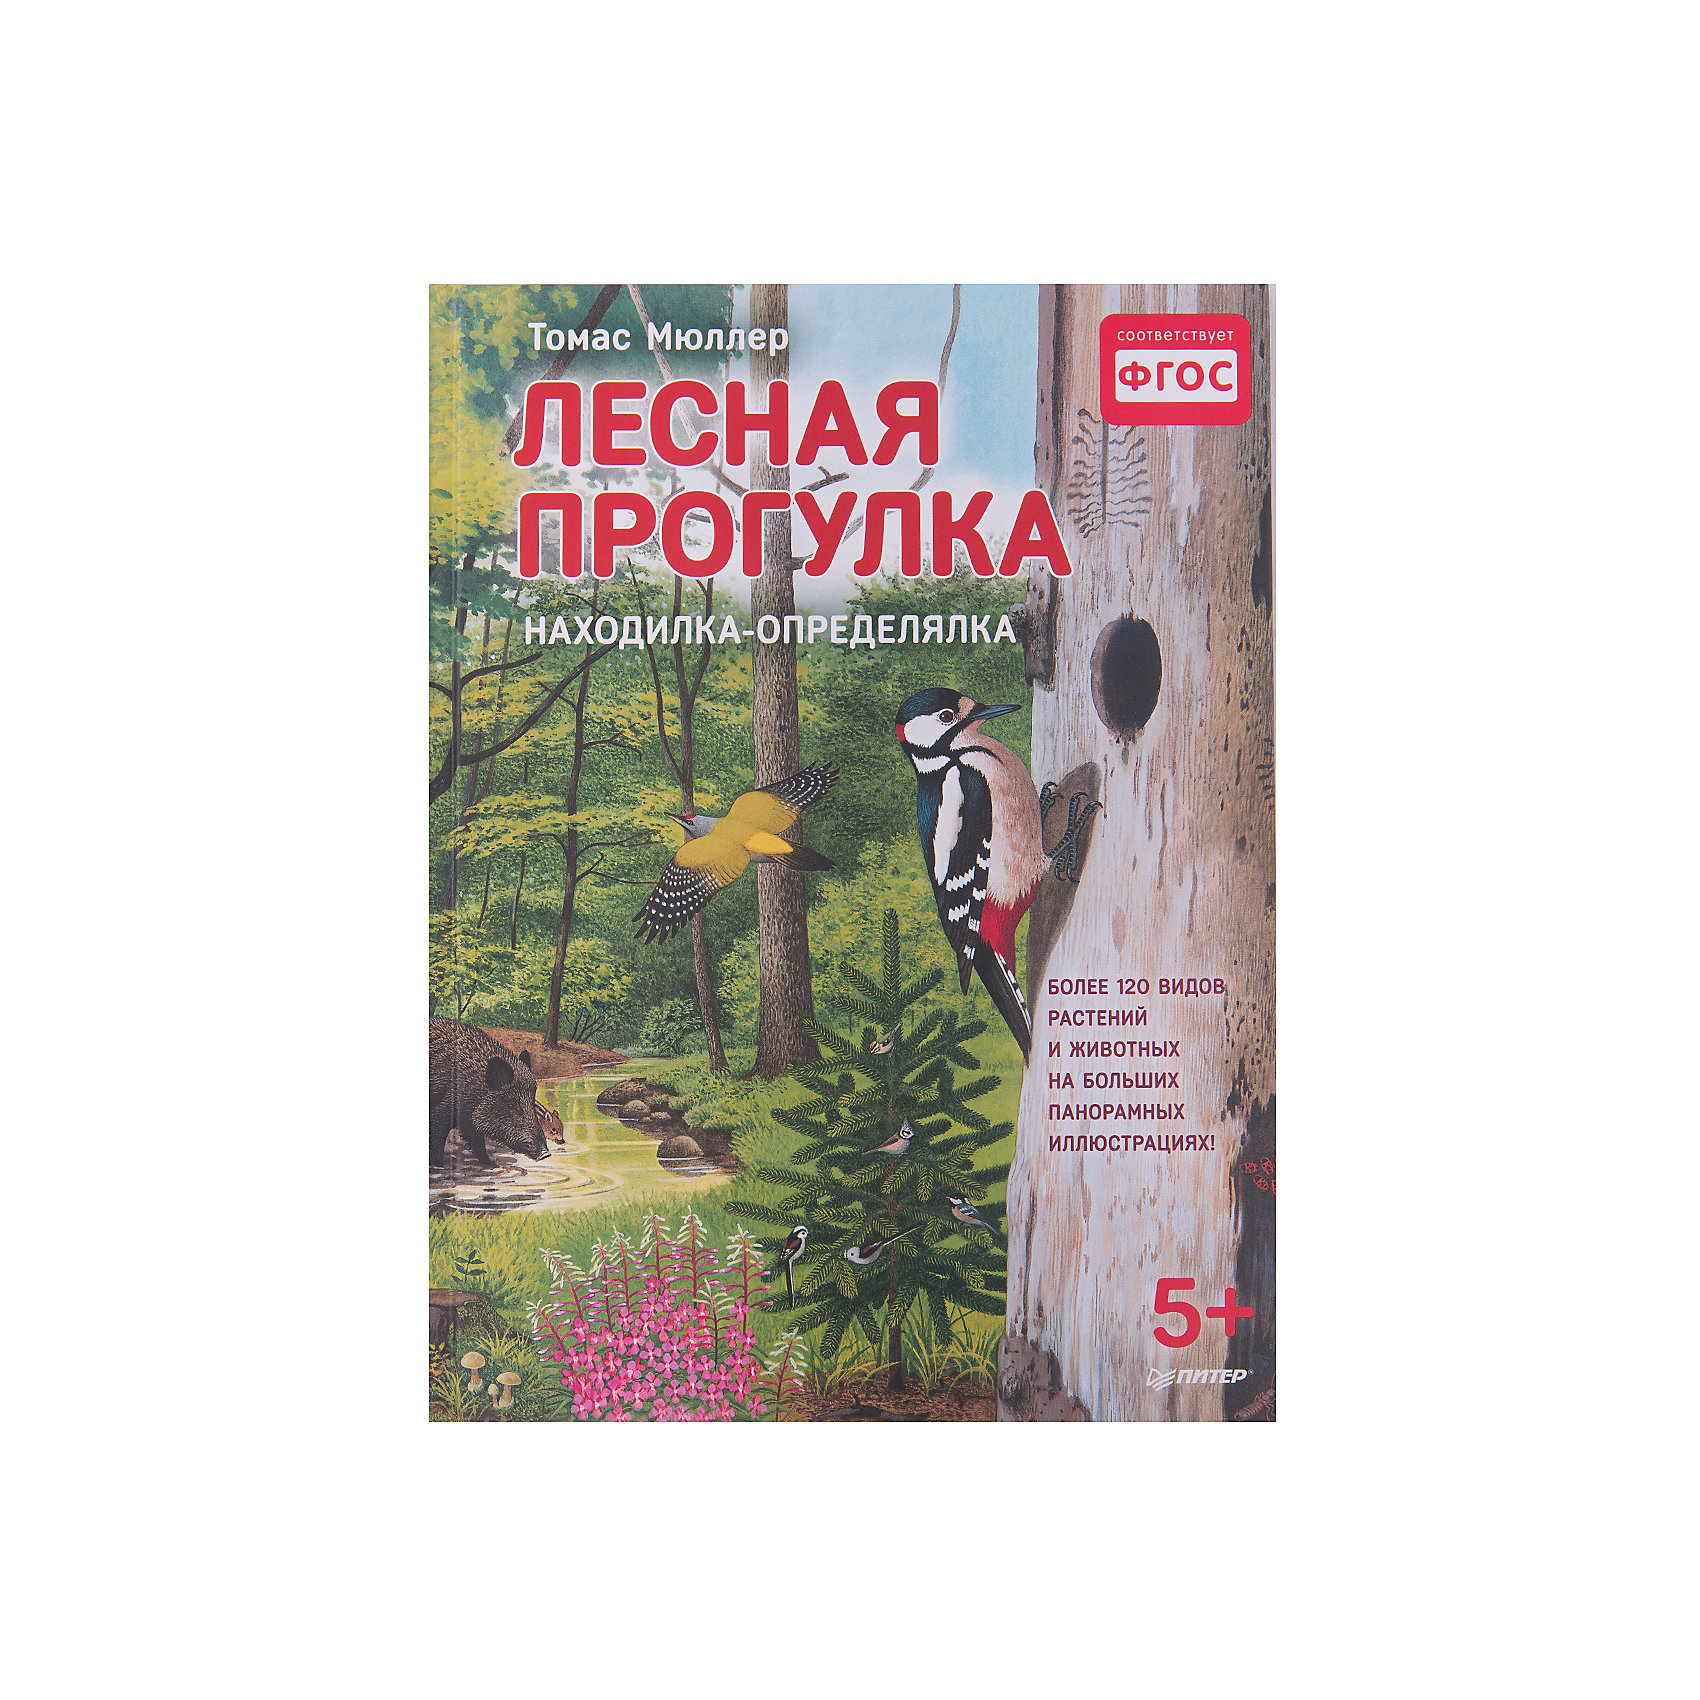 Книжка с иллюстрациями Лесная прогулкаВиммельбухи<br>Характеристики товара:<br><br>• количество страниц: 28;<br>• формат: 22х29;<br>• обложка: твердая;<br>• ISBN: 978-5-496-02543-0;<br>• размер упаковки: 6х22,1х29,8 см;<br>• вес: 393 грамма.<br><br>Книжка «Лесная прогулка» перенесет читателя в лес и познакомит с его обитателями. Первые 4 страницы представляют собой большую панораму с изображением жителей леса. <br><br>На других страницах юный читатель насладится прекрасными видами животных, птиц, насекомых, деревьев и растений, а также узнает много интересных фактов и даже выполнит задания.<br><br>Книжку с иллюстрациями Лесная прогулка можно купить в нашем интернет-магазине.<br><br>Ширина мм: 298<br>Глубина мм: 221<br>Высота мм: 60<br>Вес г: 393<br>Возраст от месяцев: 12<br>Возраст до месяцев: 2147483647<br>Пол: Унисекс<br>Возраст: Детский<br>SKU: 5576703